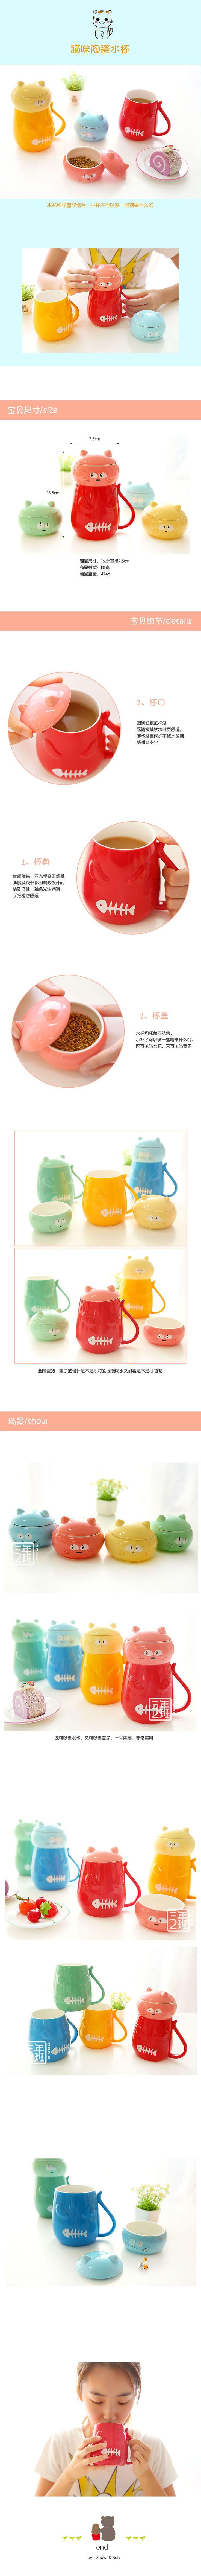 Творческий мило кружка кот керамические чашки с крышкой забавный кофейные кружки китайский керамический чашки чая купить на AliExpress